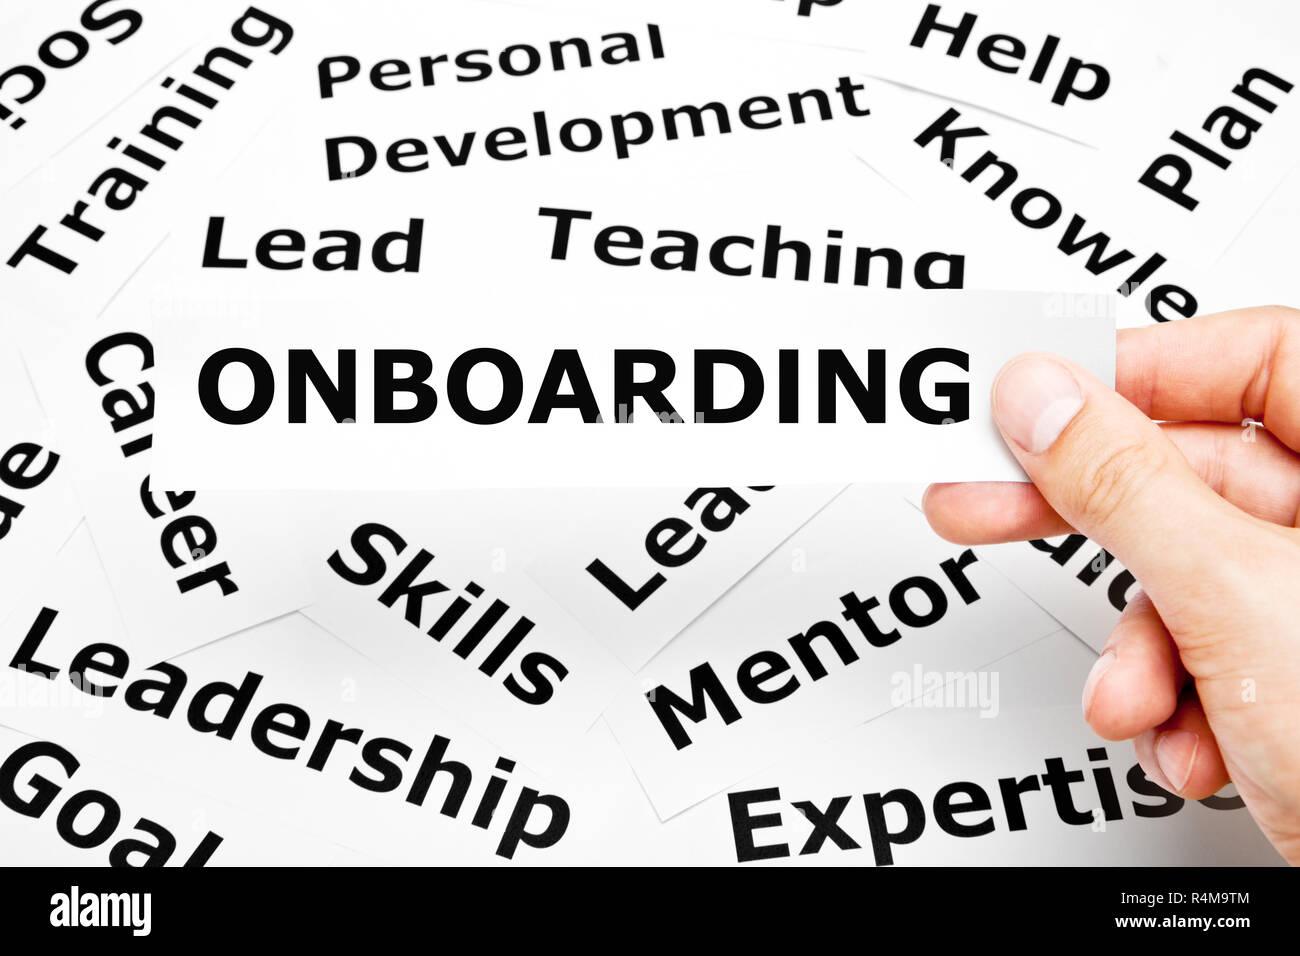 Attività di onboarding carta concetto parole Immagini Stock